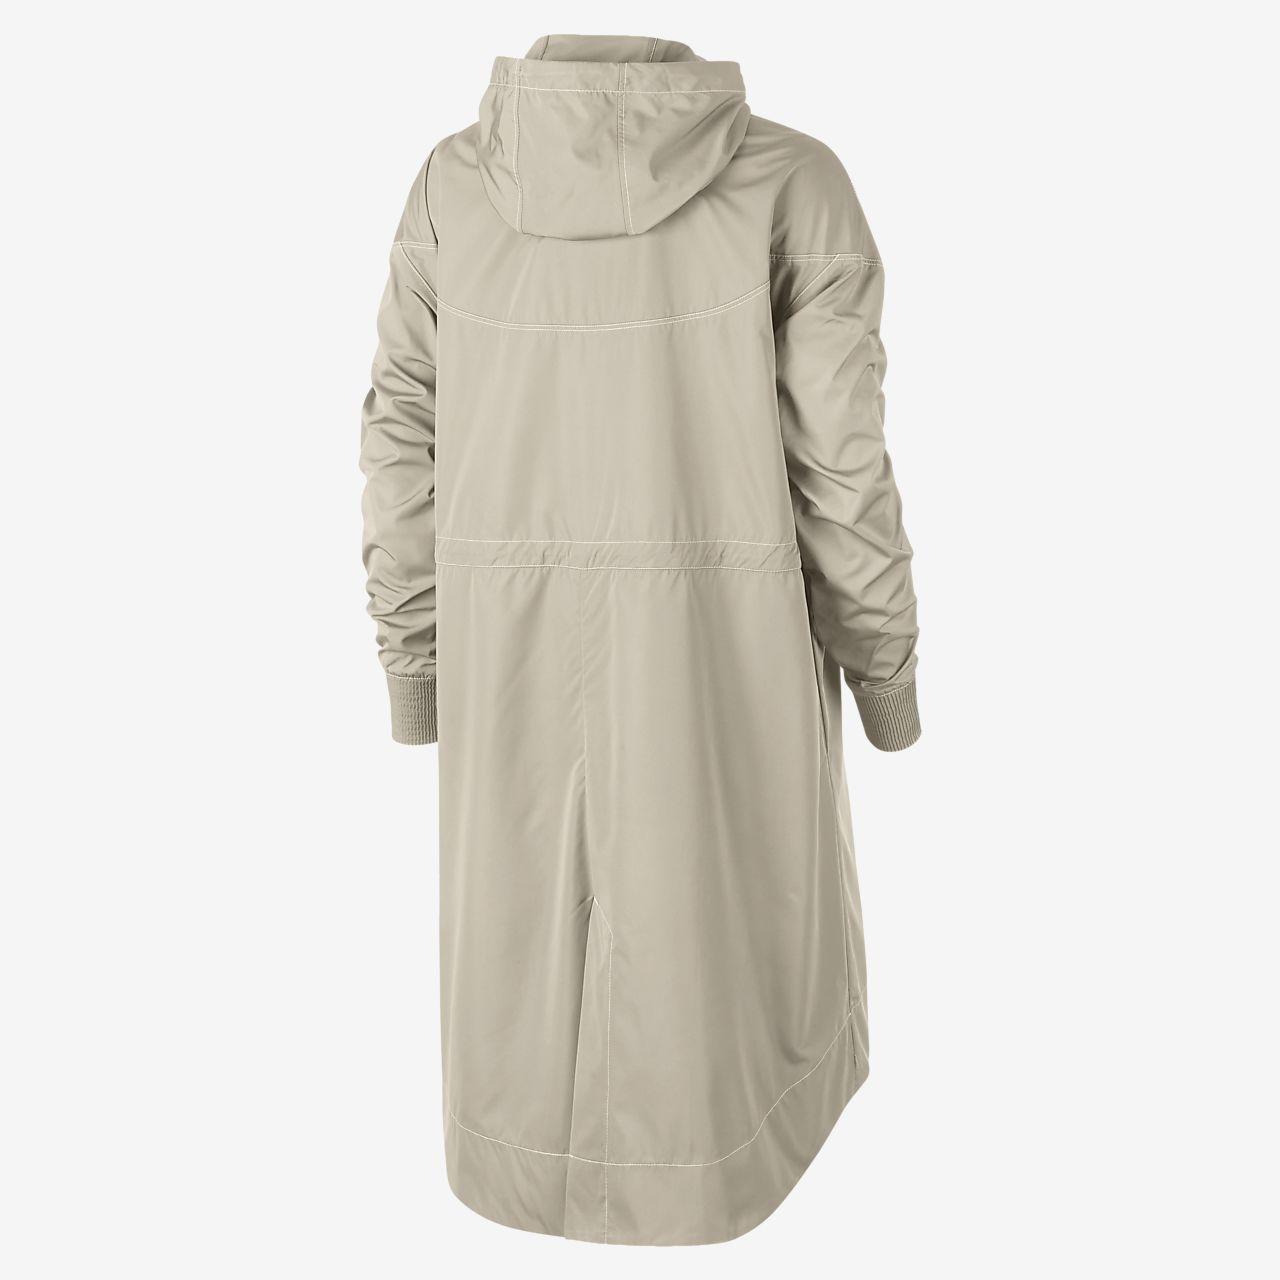 9bb0836457b15 Nike Sportswear Shield Windrunner Women s Jacket. Nike.com